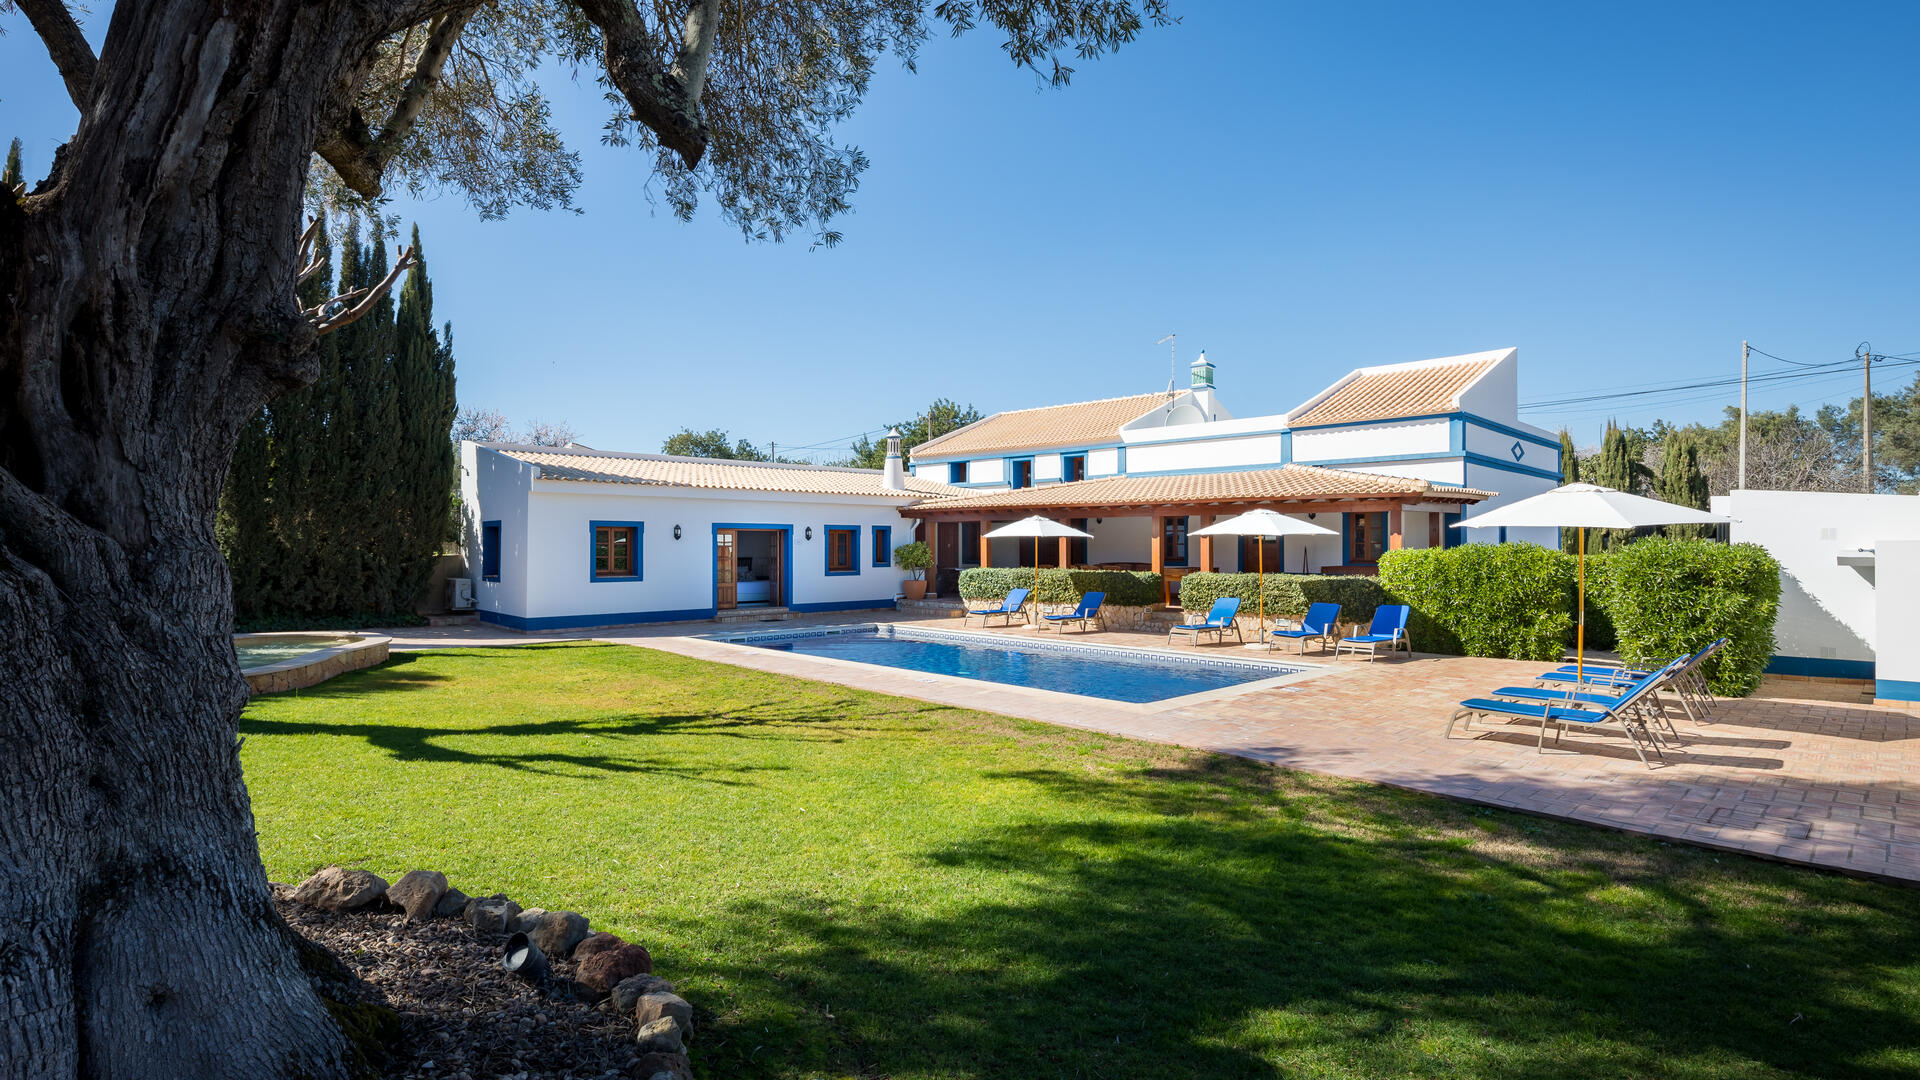 family friendly holiday villa near Boliqueime in the Algarve Portugal